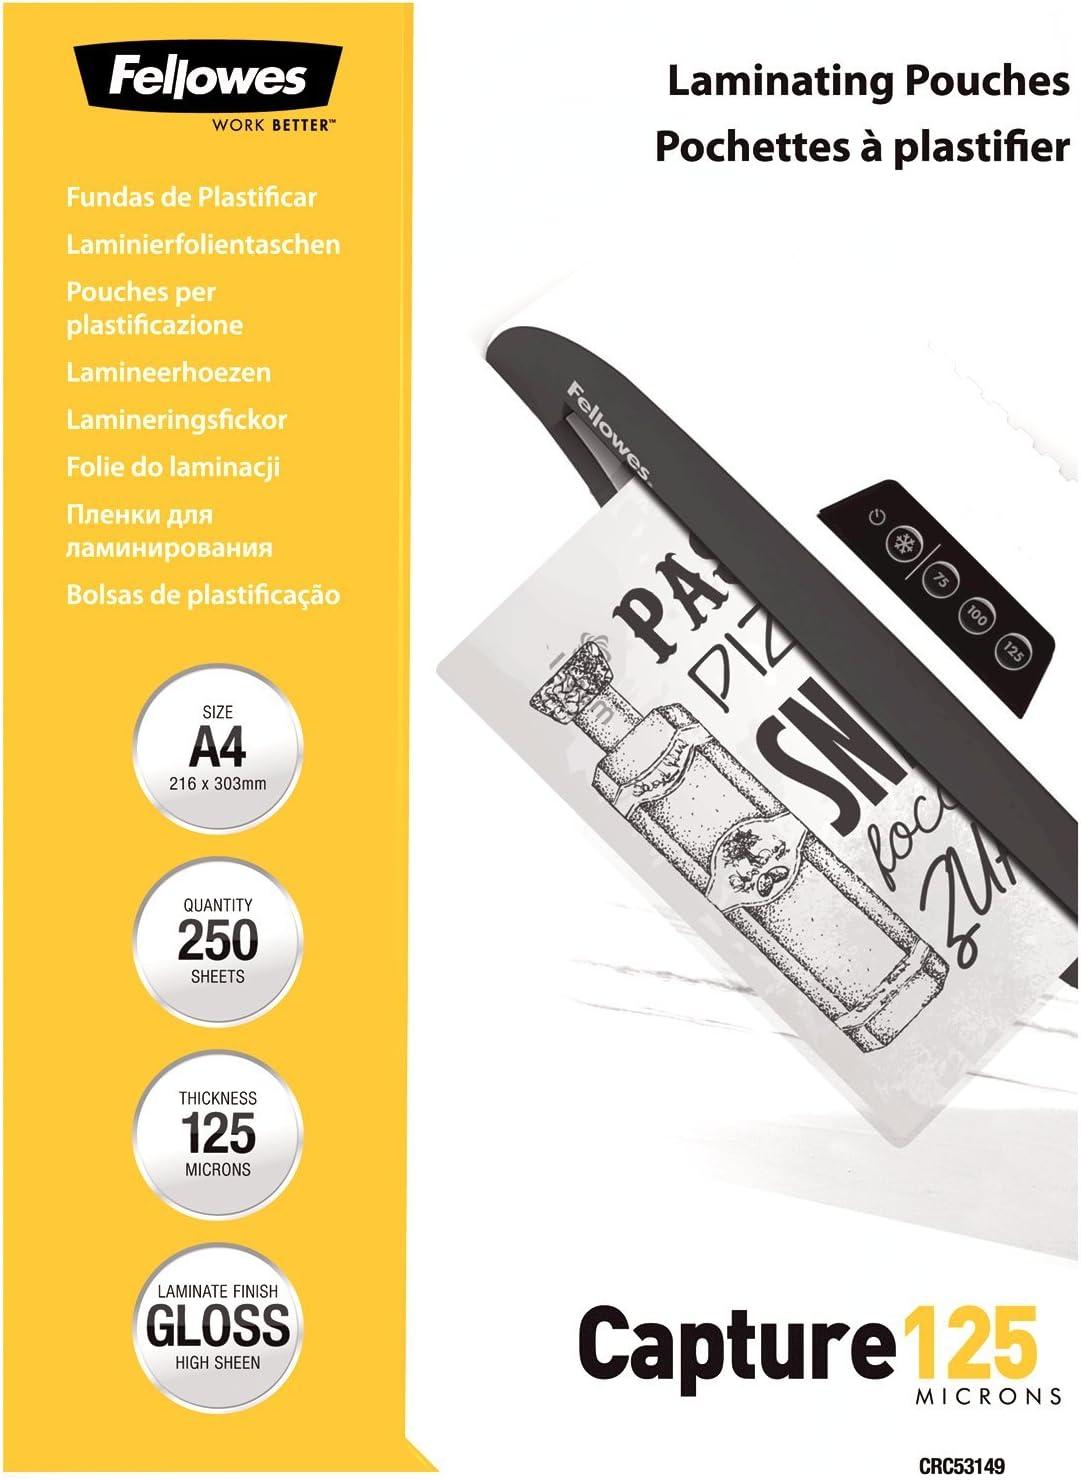 Fellowes - Pack ahorro 250 fundas de plastificar, formato A4, 125 micras: Amazon.es: Oficina y papelería